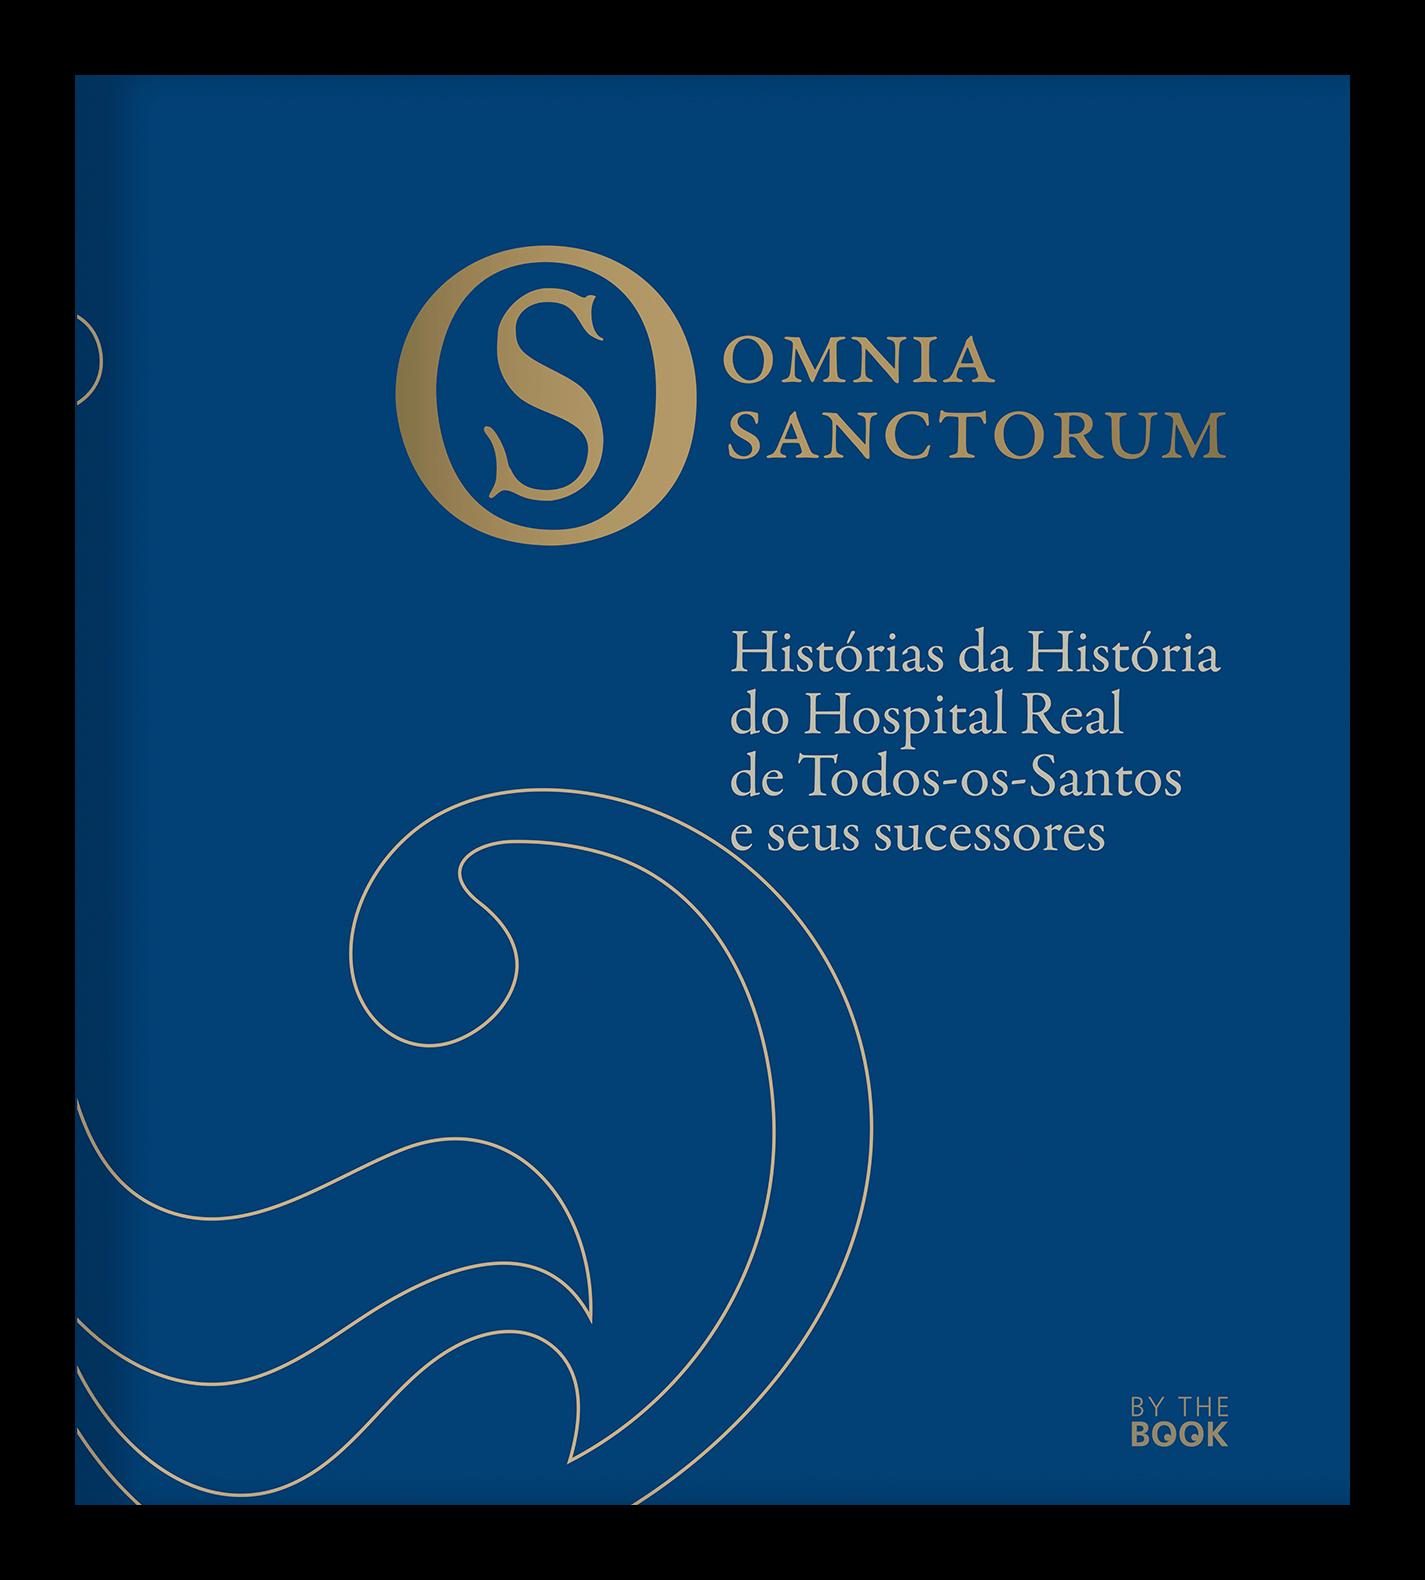 Omnia Sanctorum